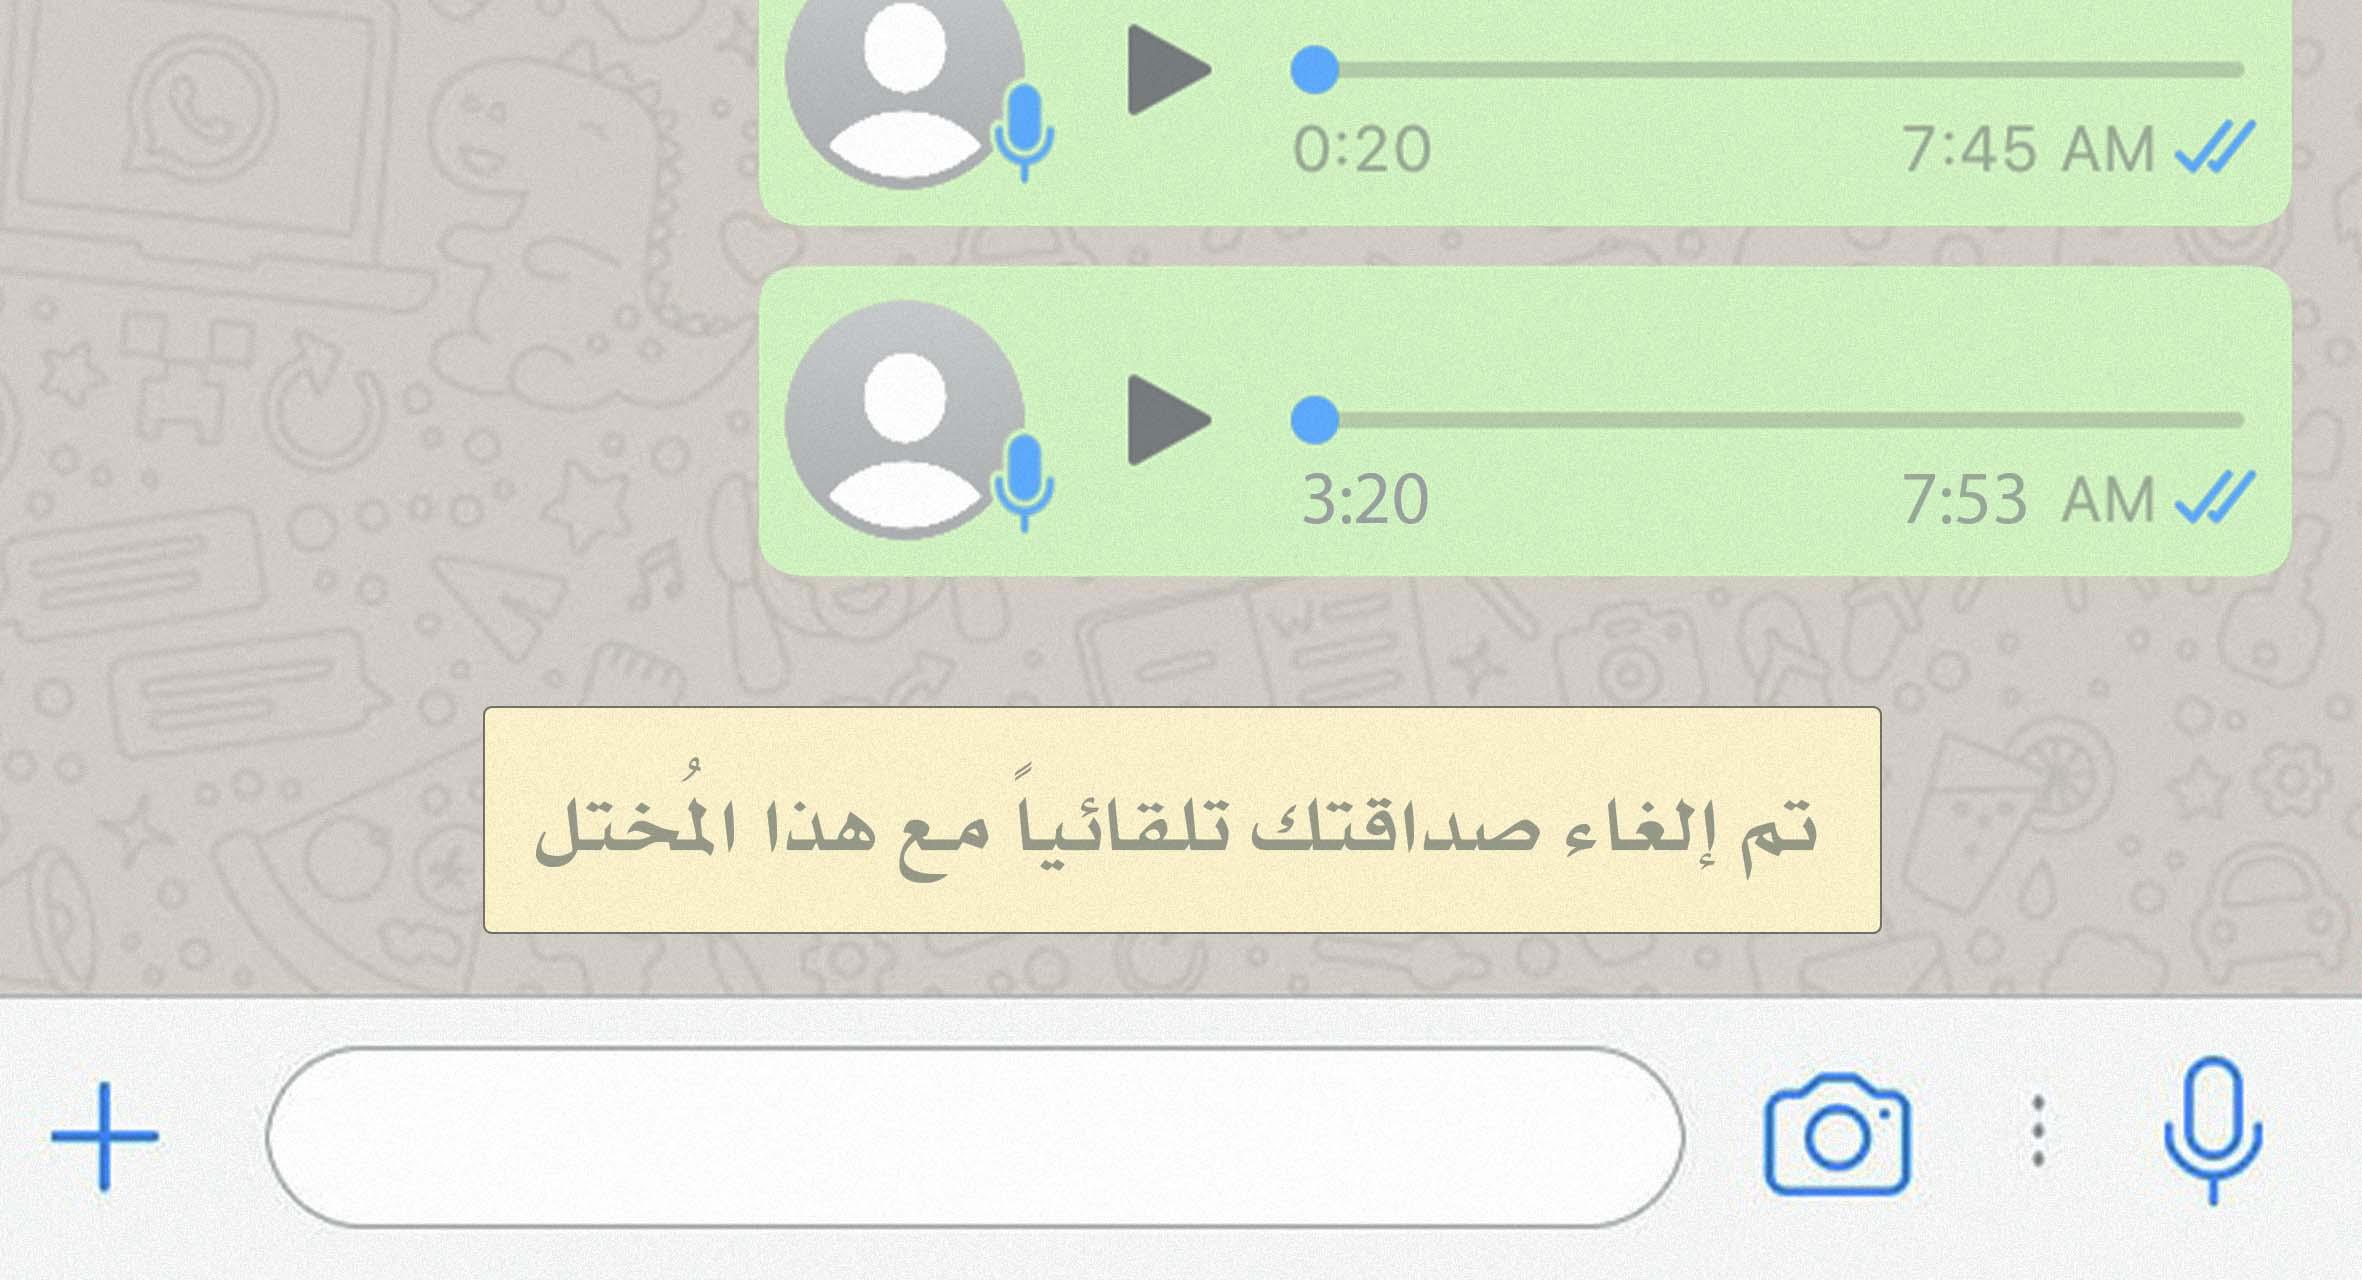 صورة واتساب تضيف خاصية إلغاء العلاقات تلقائياً بعد استقبال رسالة صوتية مطوّلة